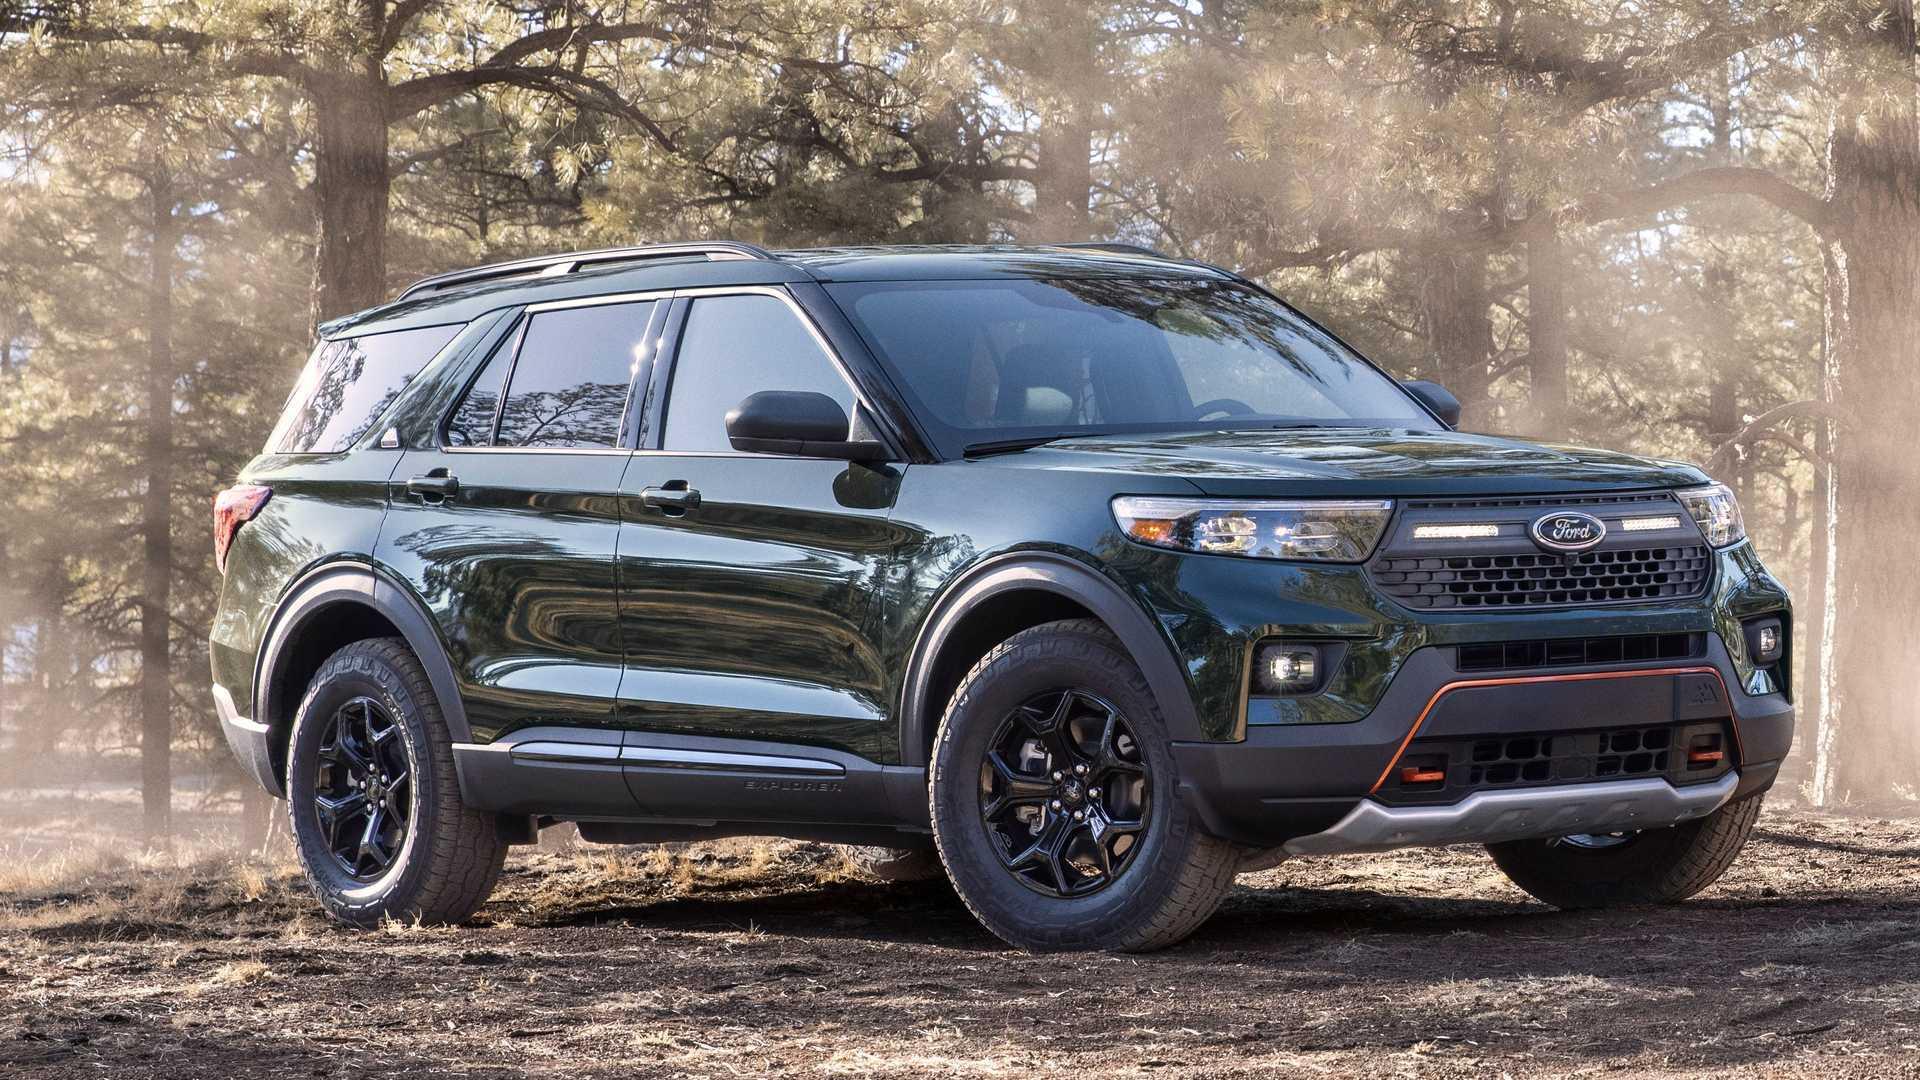 Ford подготовил кроссовер Explorer к серьёзному бездорожью